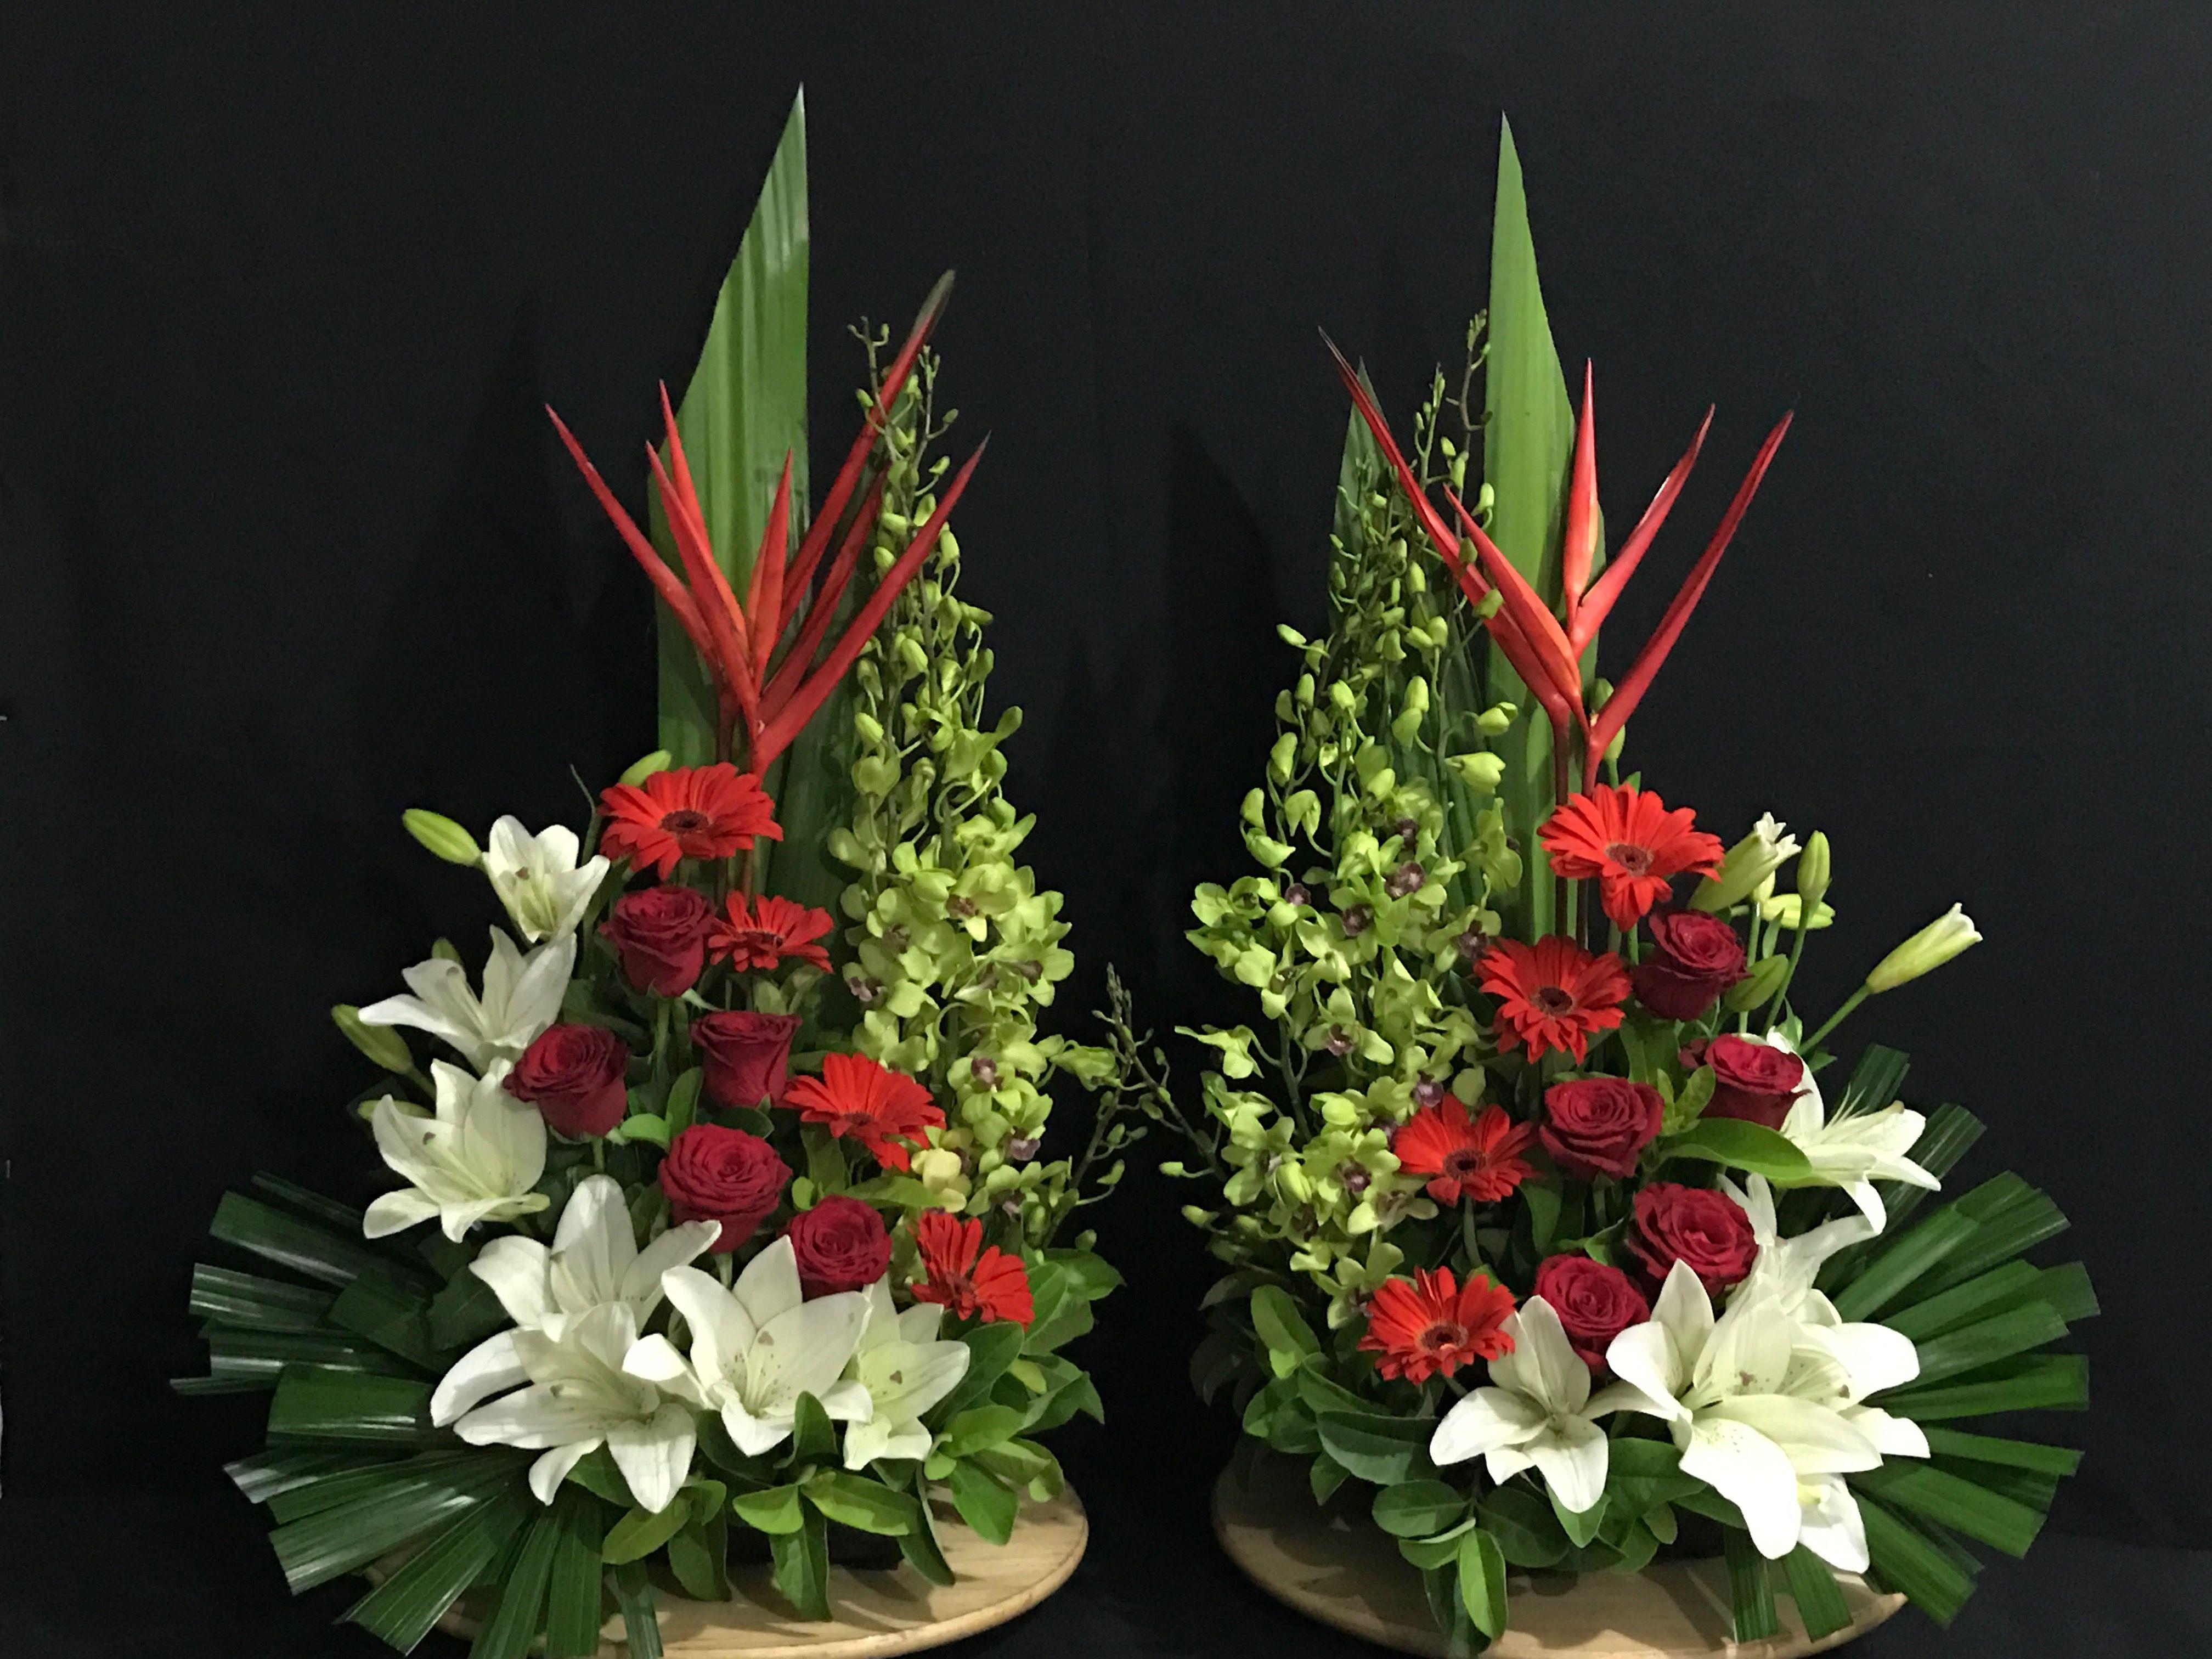 Resultado de imagen de arranjos de flores para altares Floral creations